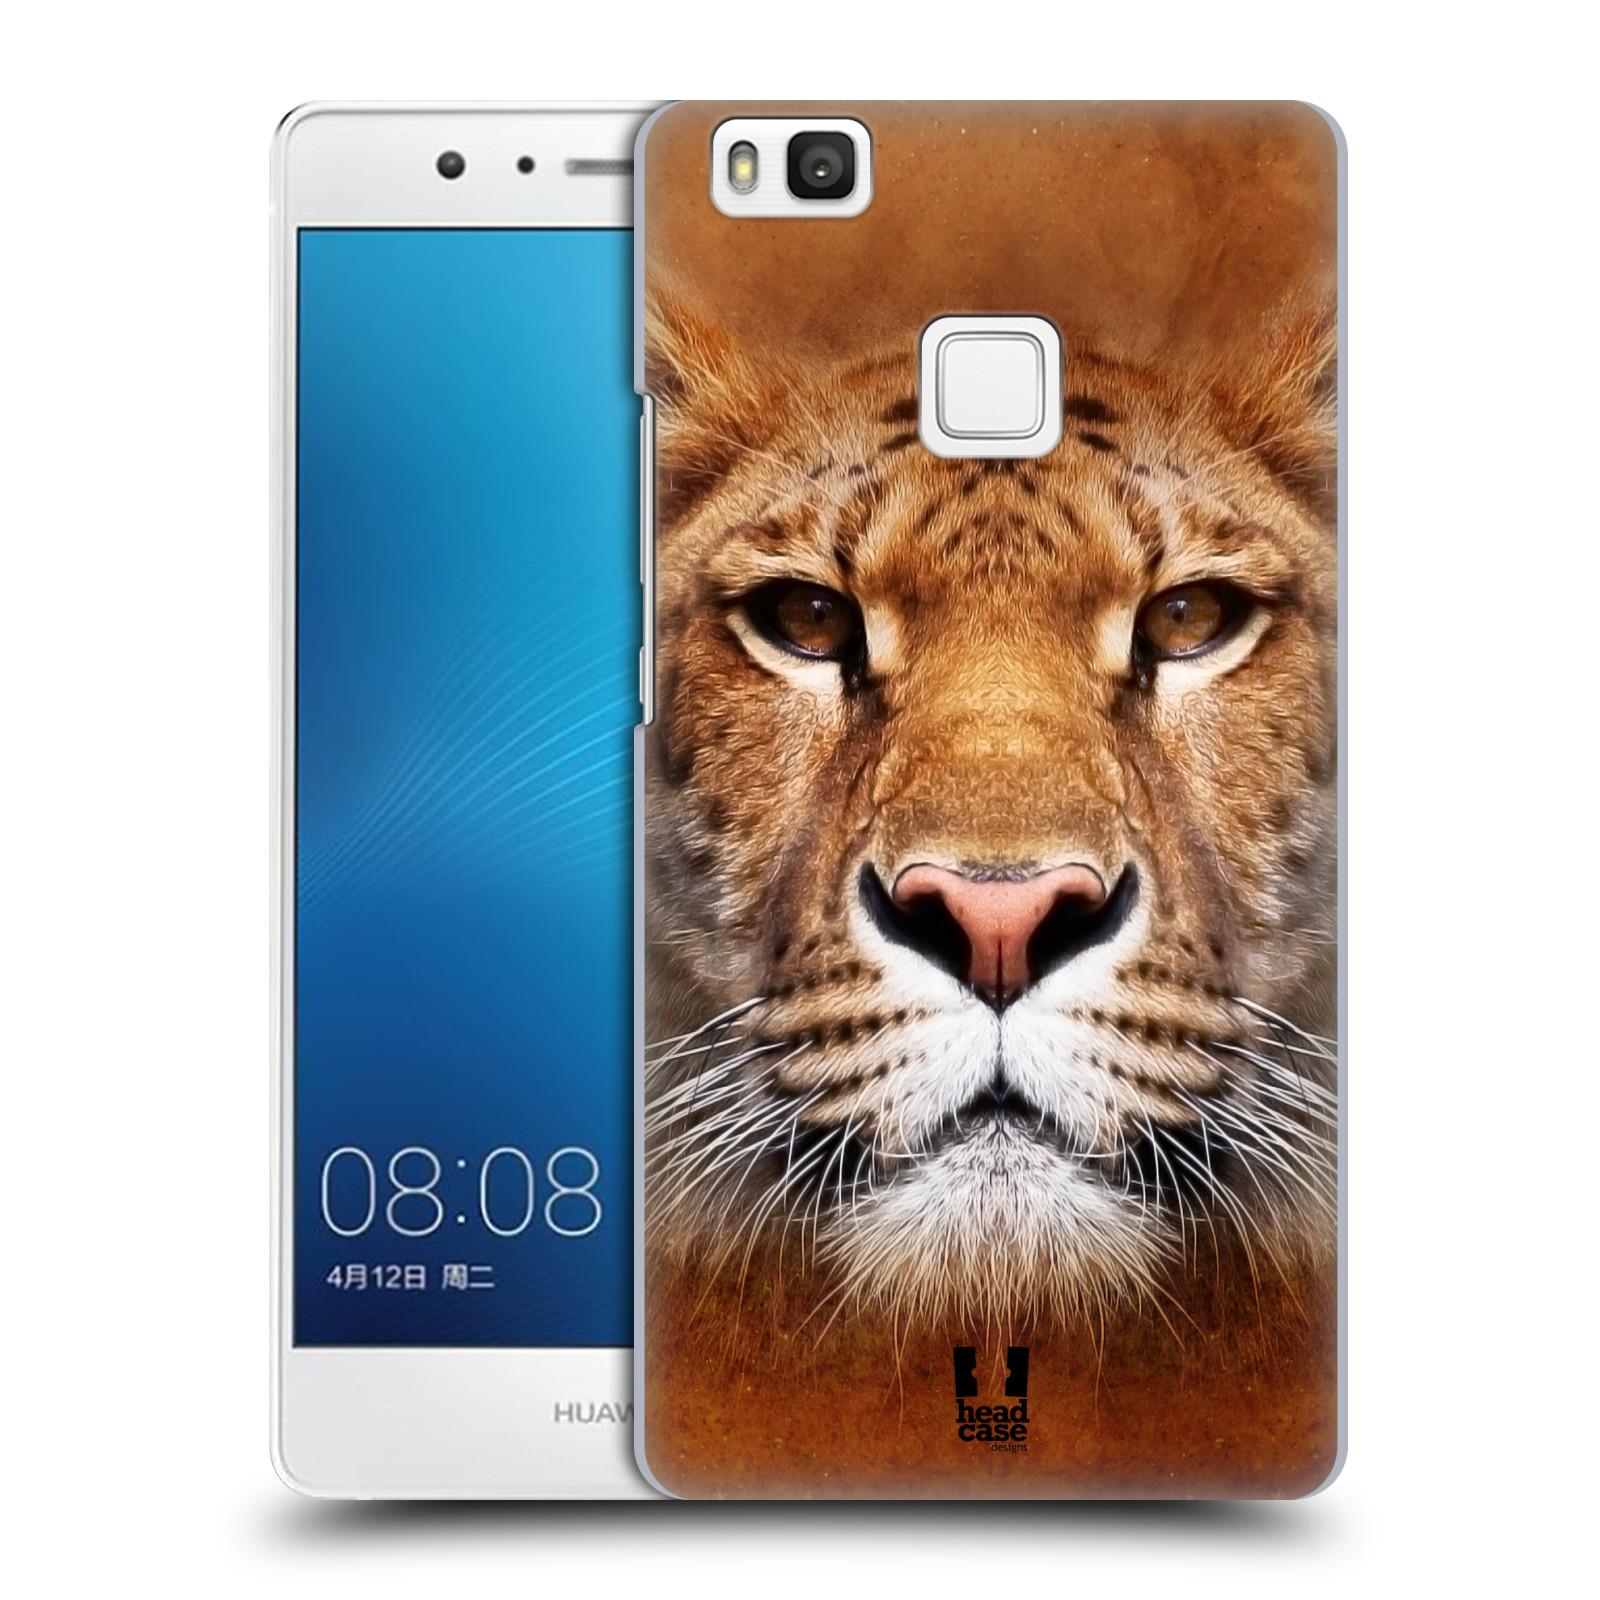 HEAD CASE plastový obal na mobil Huawei P9 LITE / P9 LITE DUAL SIM vzor Zvířecí tváře Sibiřský tygr